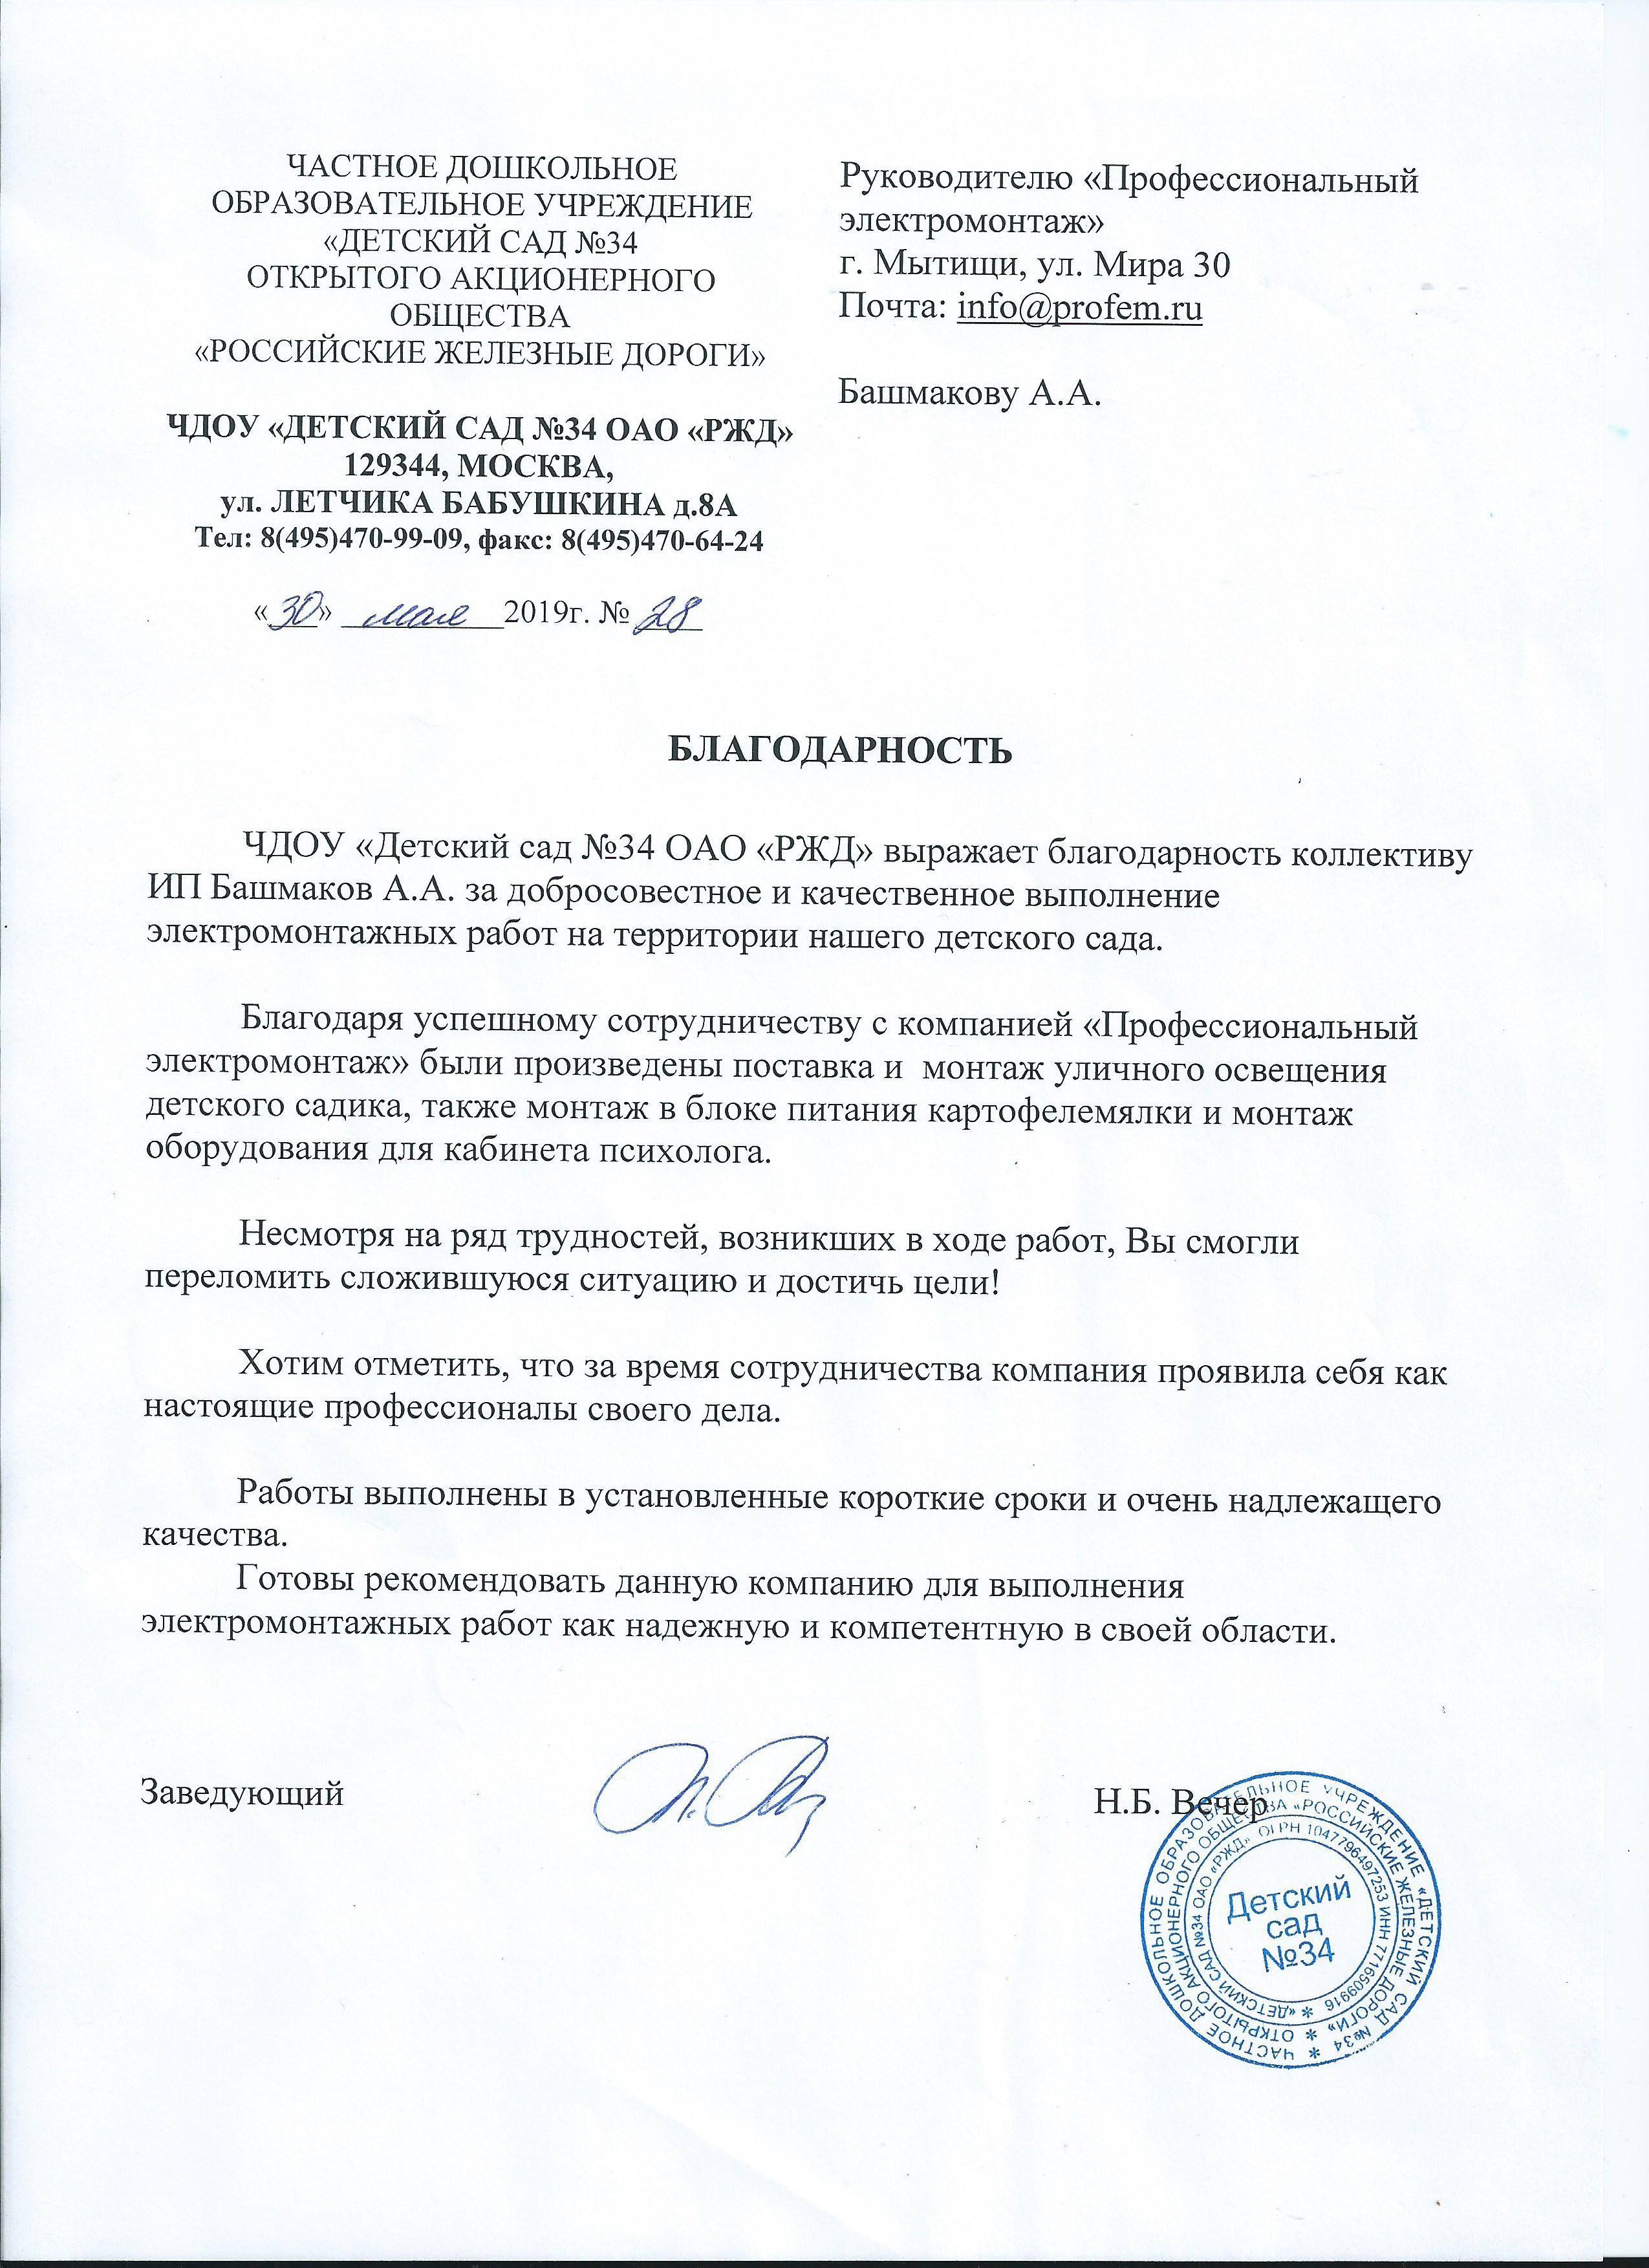 Благодарность ИП Башмакову от ЧДОУ Детский сад 34 ОАО РЖД